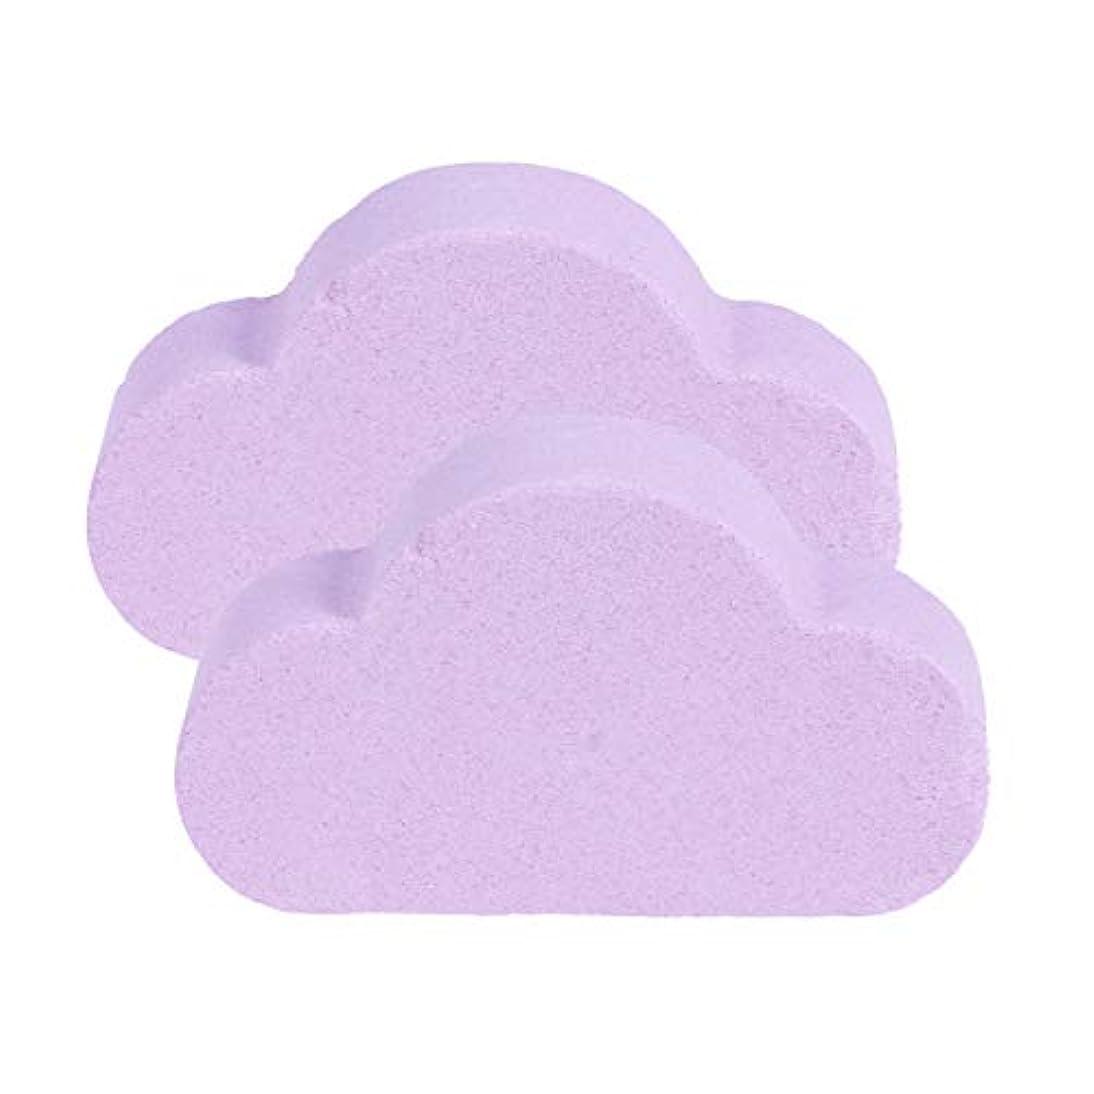 無実悪質などっちSUPVOX 2ピース風呂爆弾エッセンシャルオイルクラウド形状塩バブル家庭用スキンケア風呂用品用バブルスパ風呂ギフト